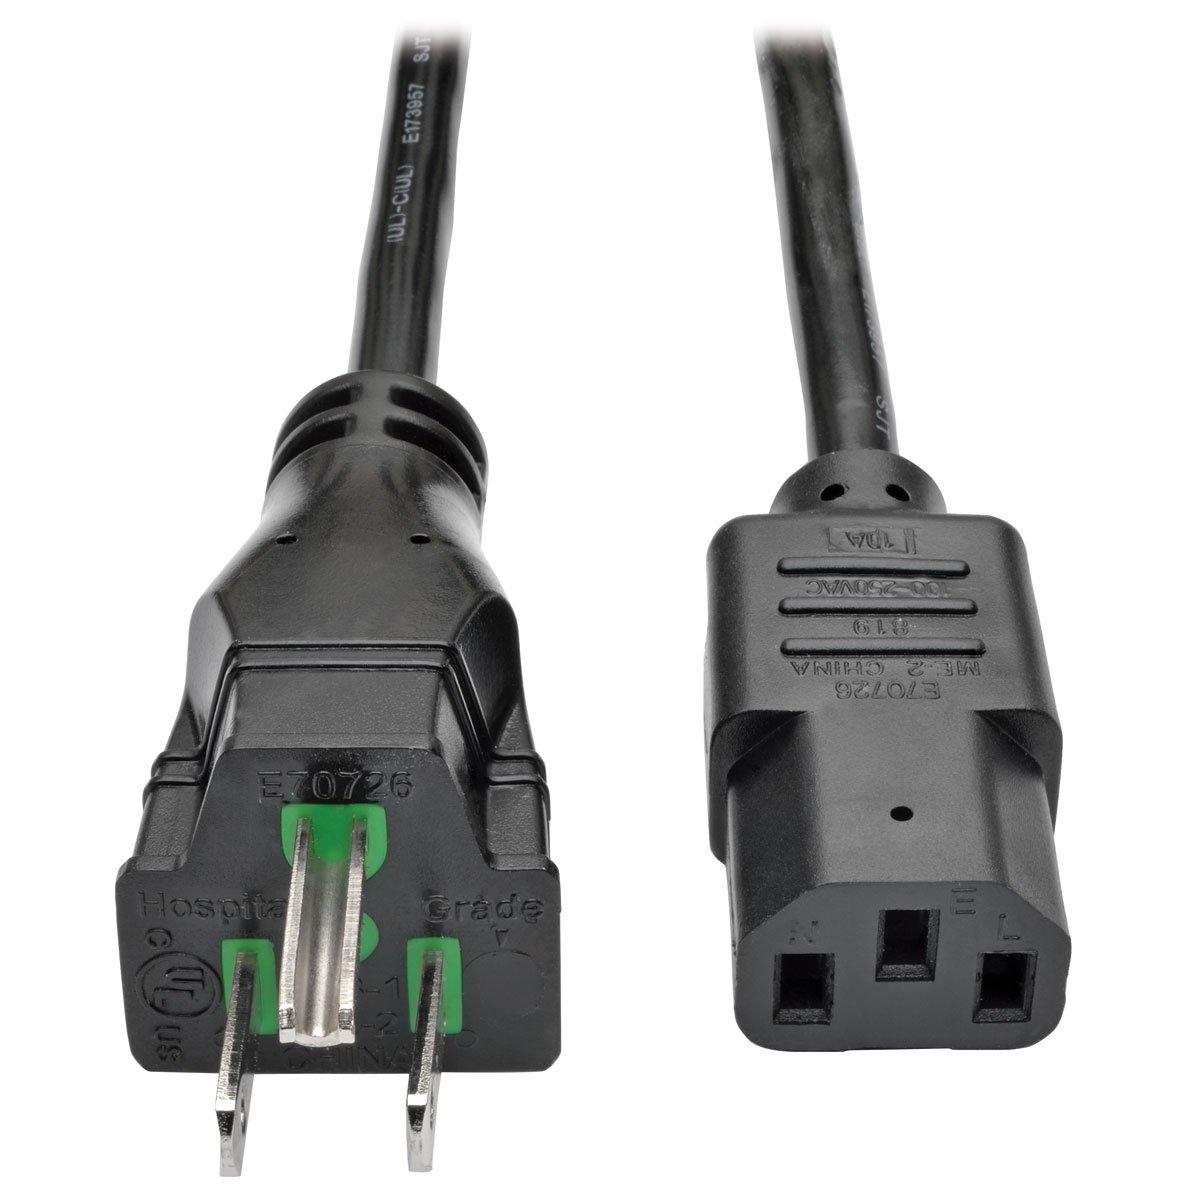 Tripp Lite Hospital-Grade Computer Power Cord, 15A, 14 AWG (NEMA 5-15P to IEC-320-C13), 25 ft. (P006-025-HG15)